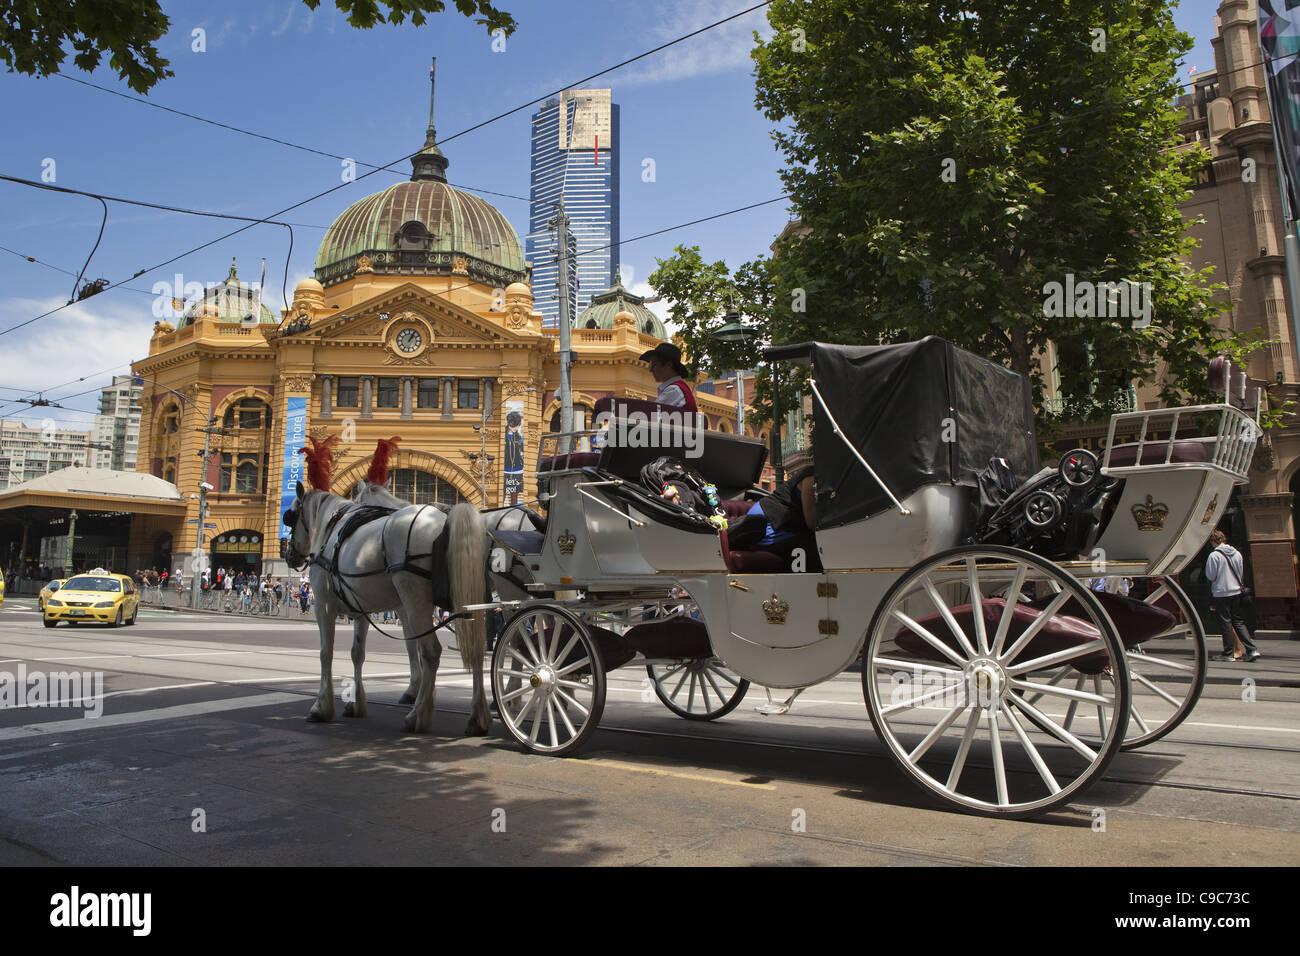 Journée ensoleillée sur la ville de Melbourne les systèmes de transport public. La calèche touristique autour de la zone de la CDB, en face de la Flinders Banque D'Images